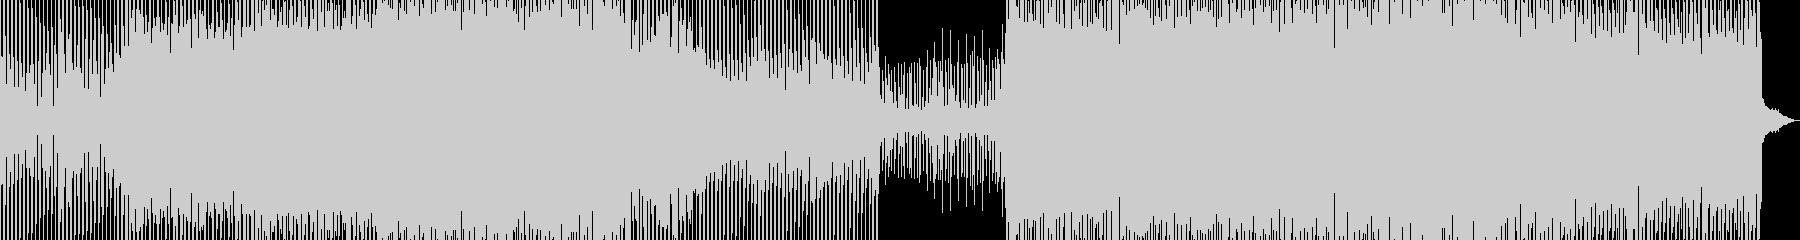 機械的でファンキーなハイテクミュージックの未再生の波形